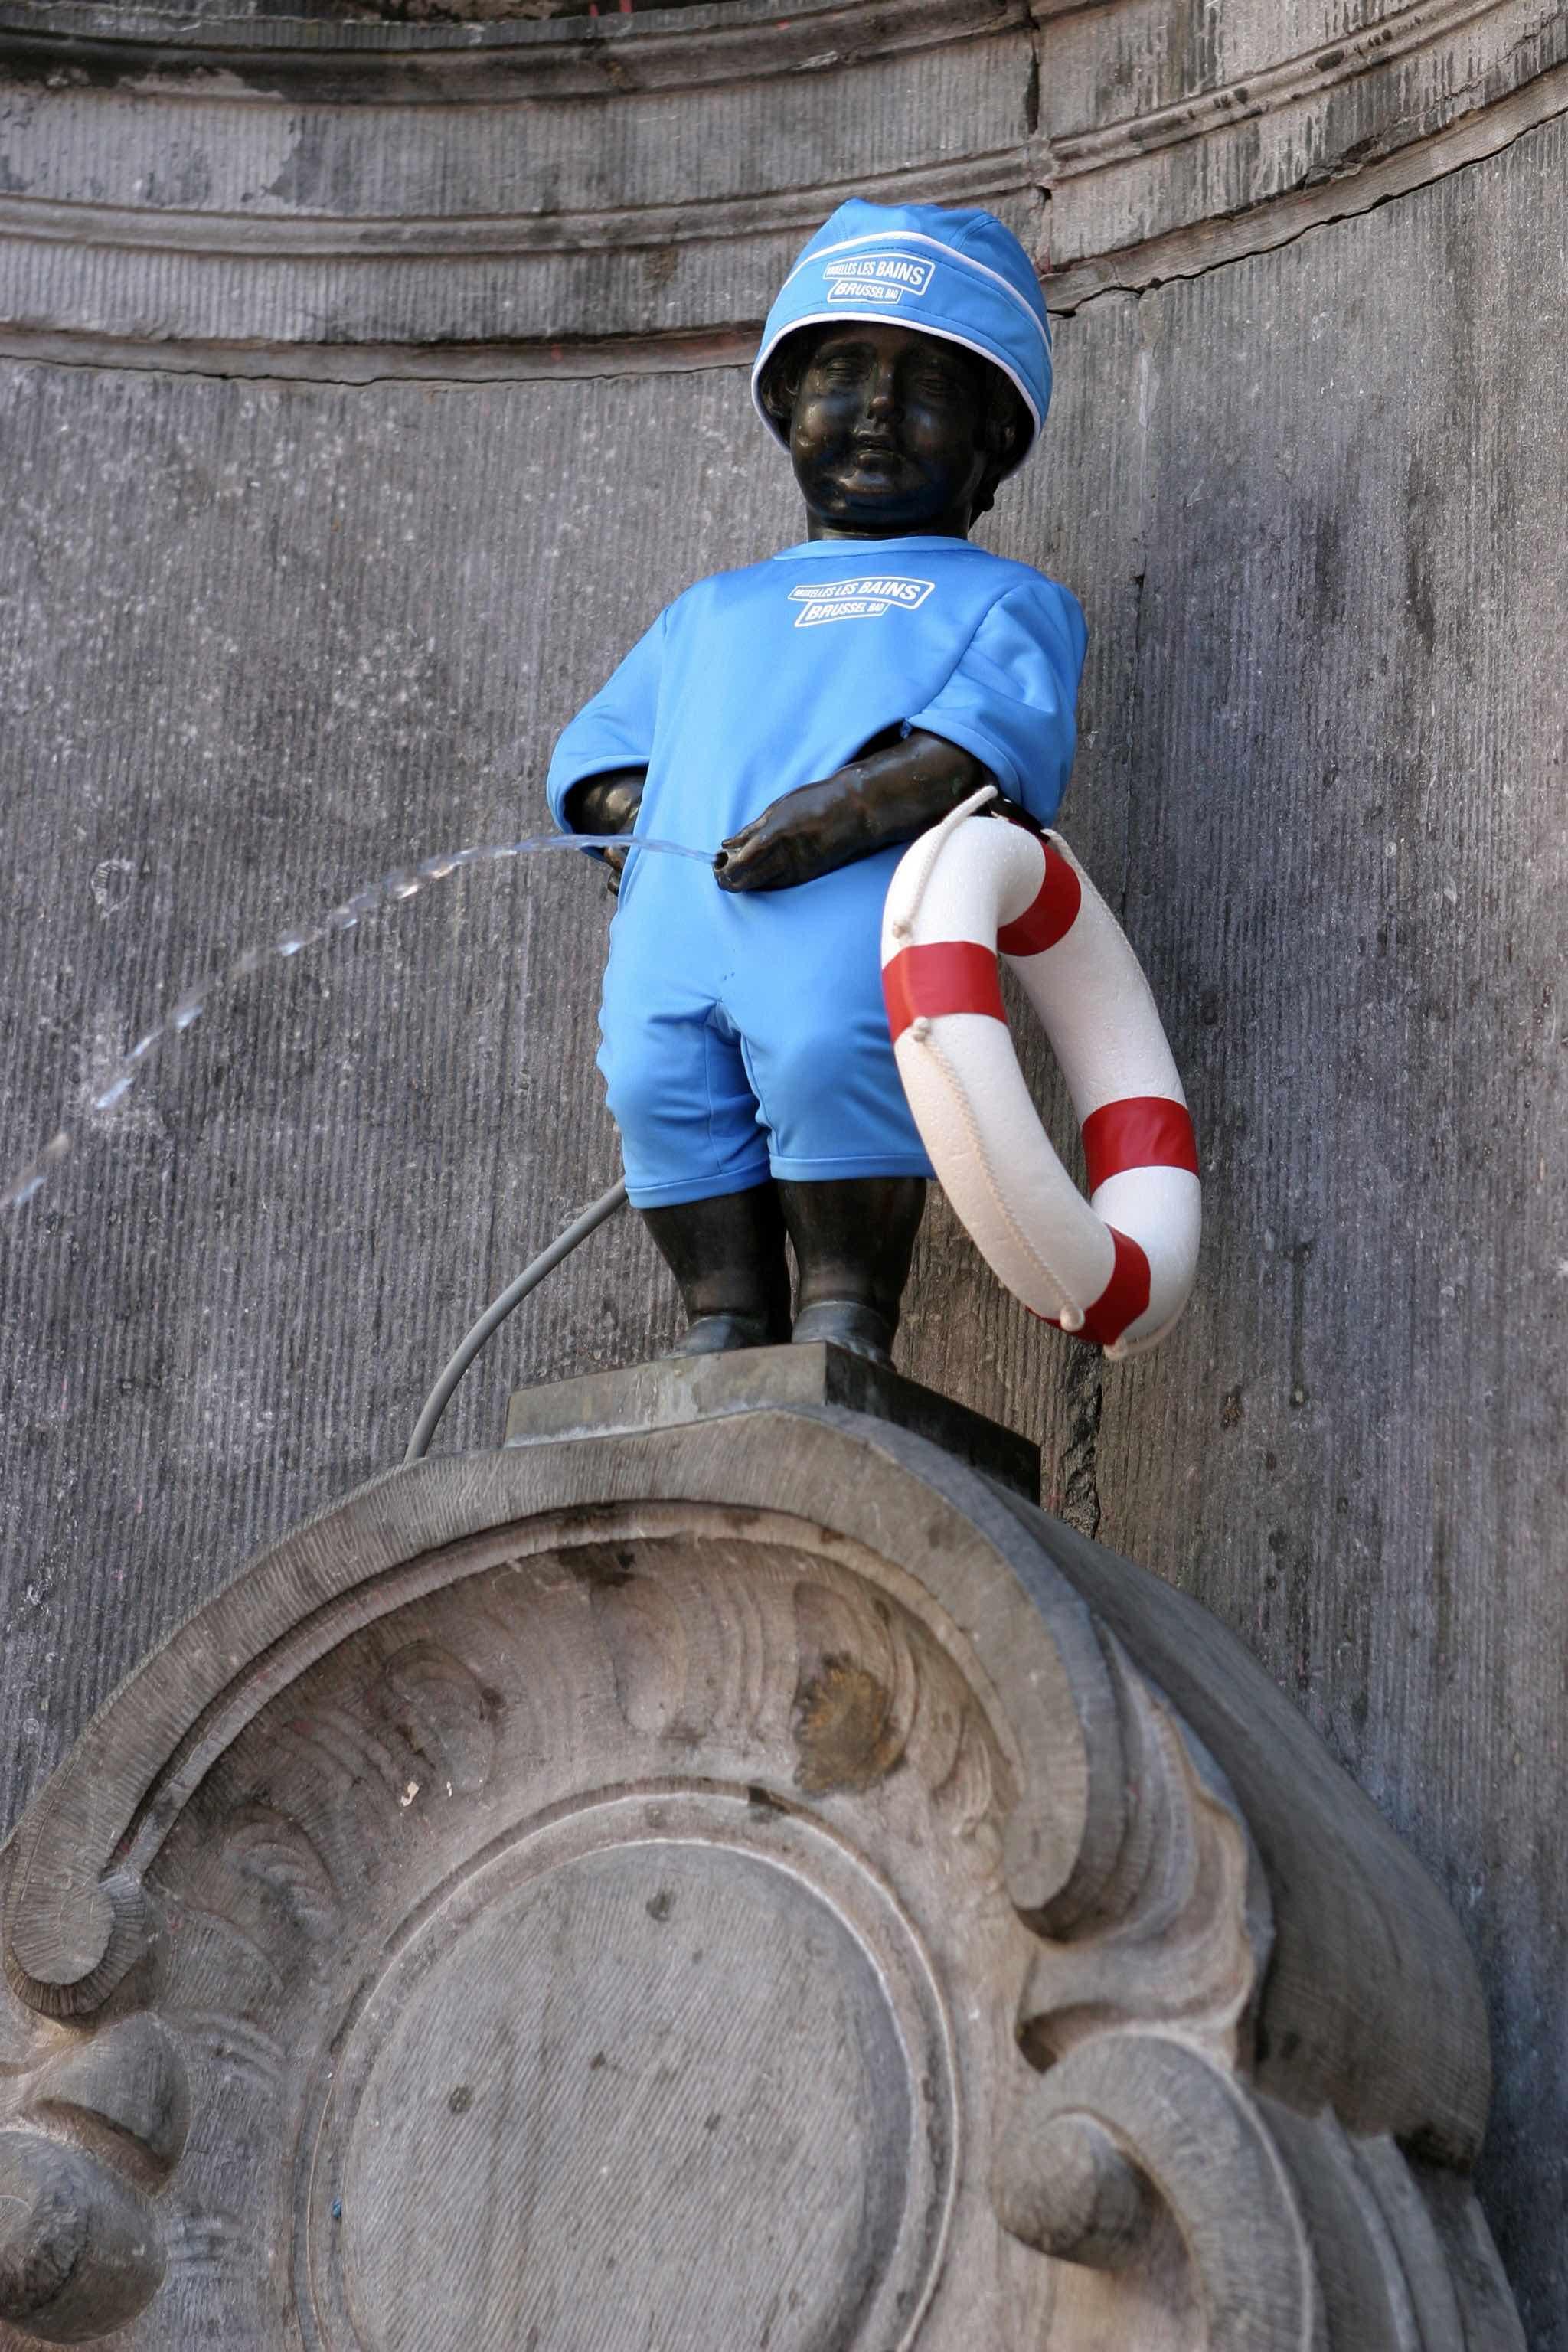 Mannequin piss statue